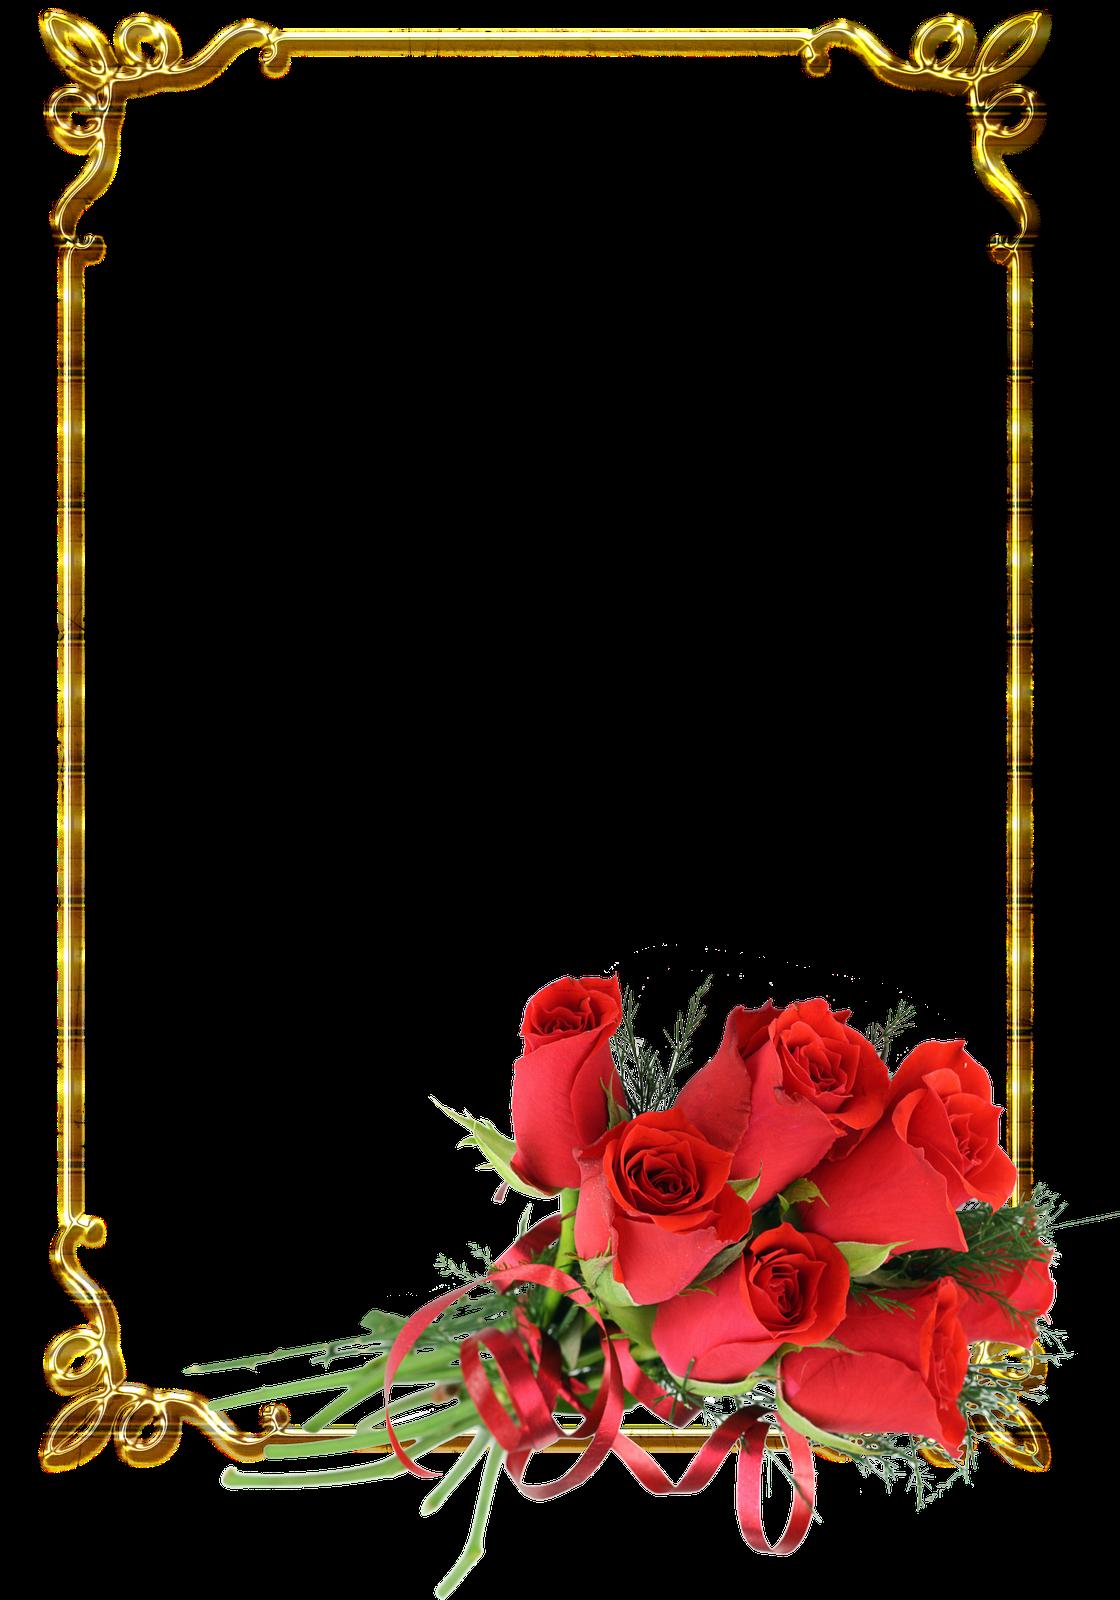 Открытки рамки розы, лет агатовая